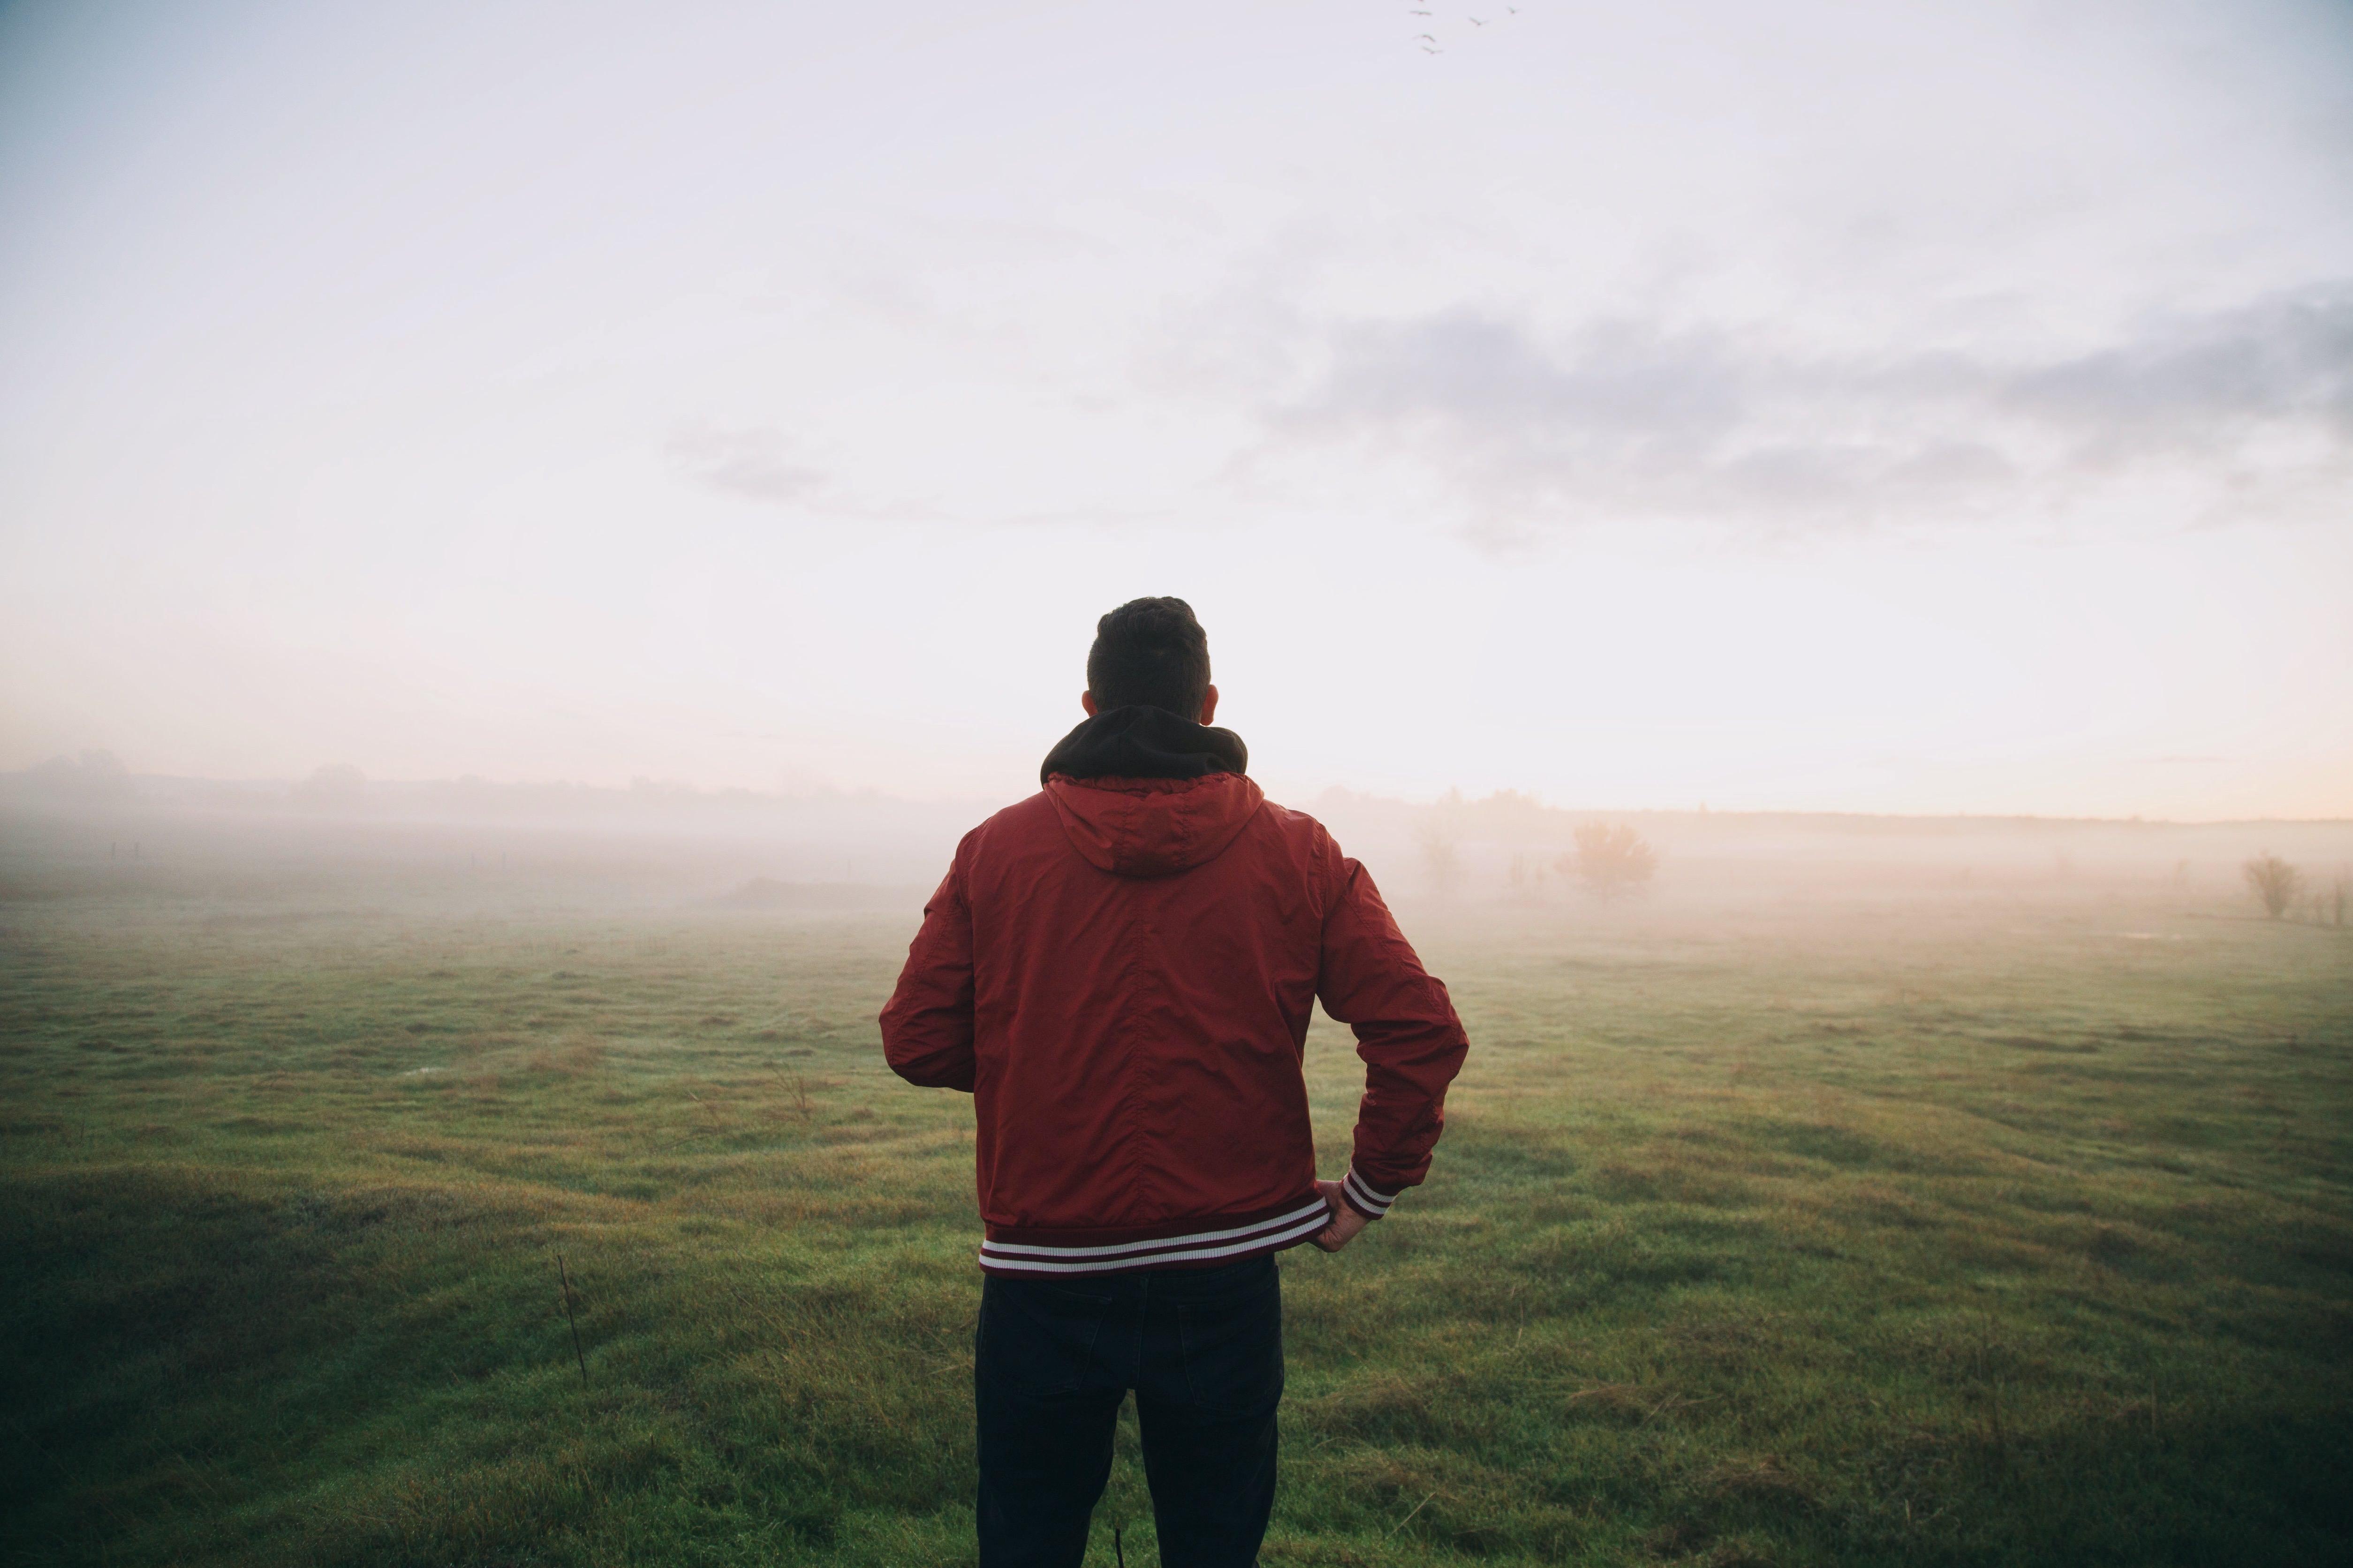 就活生あるある『やりたいことが見つからない』を克服する方法